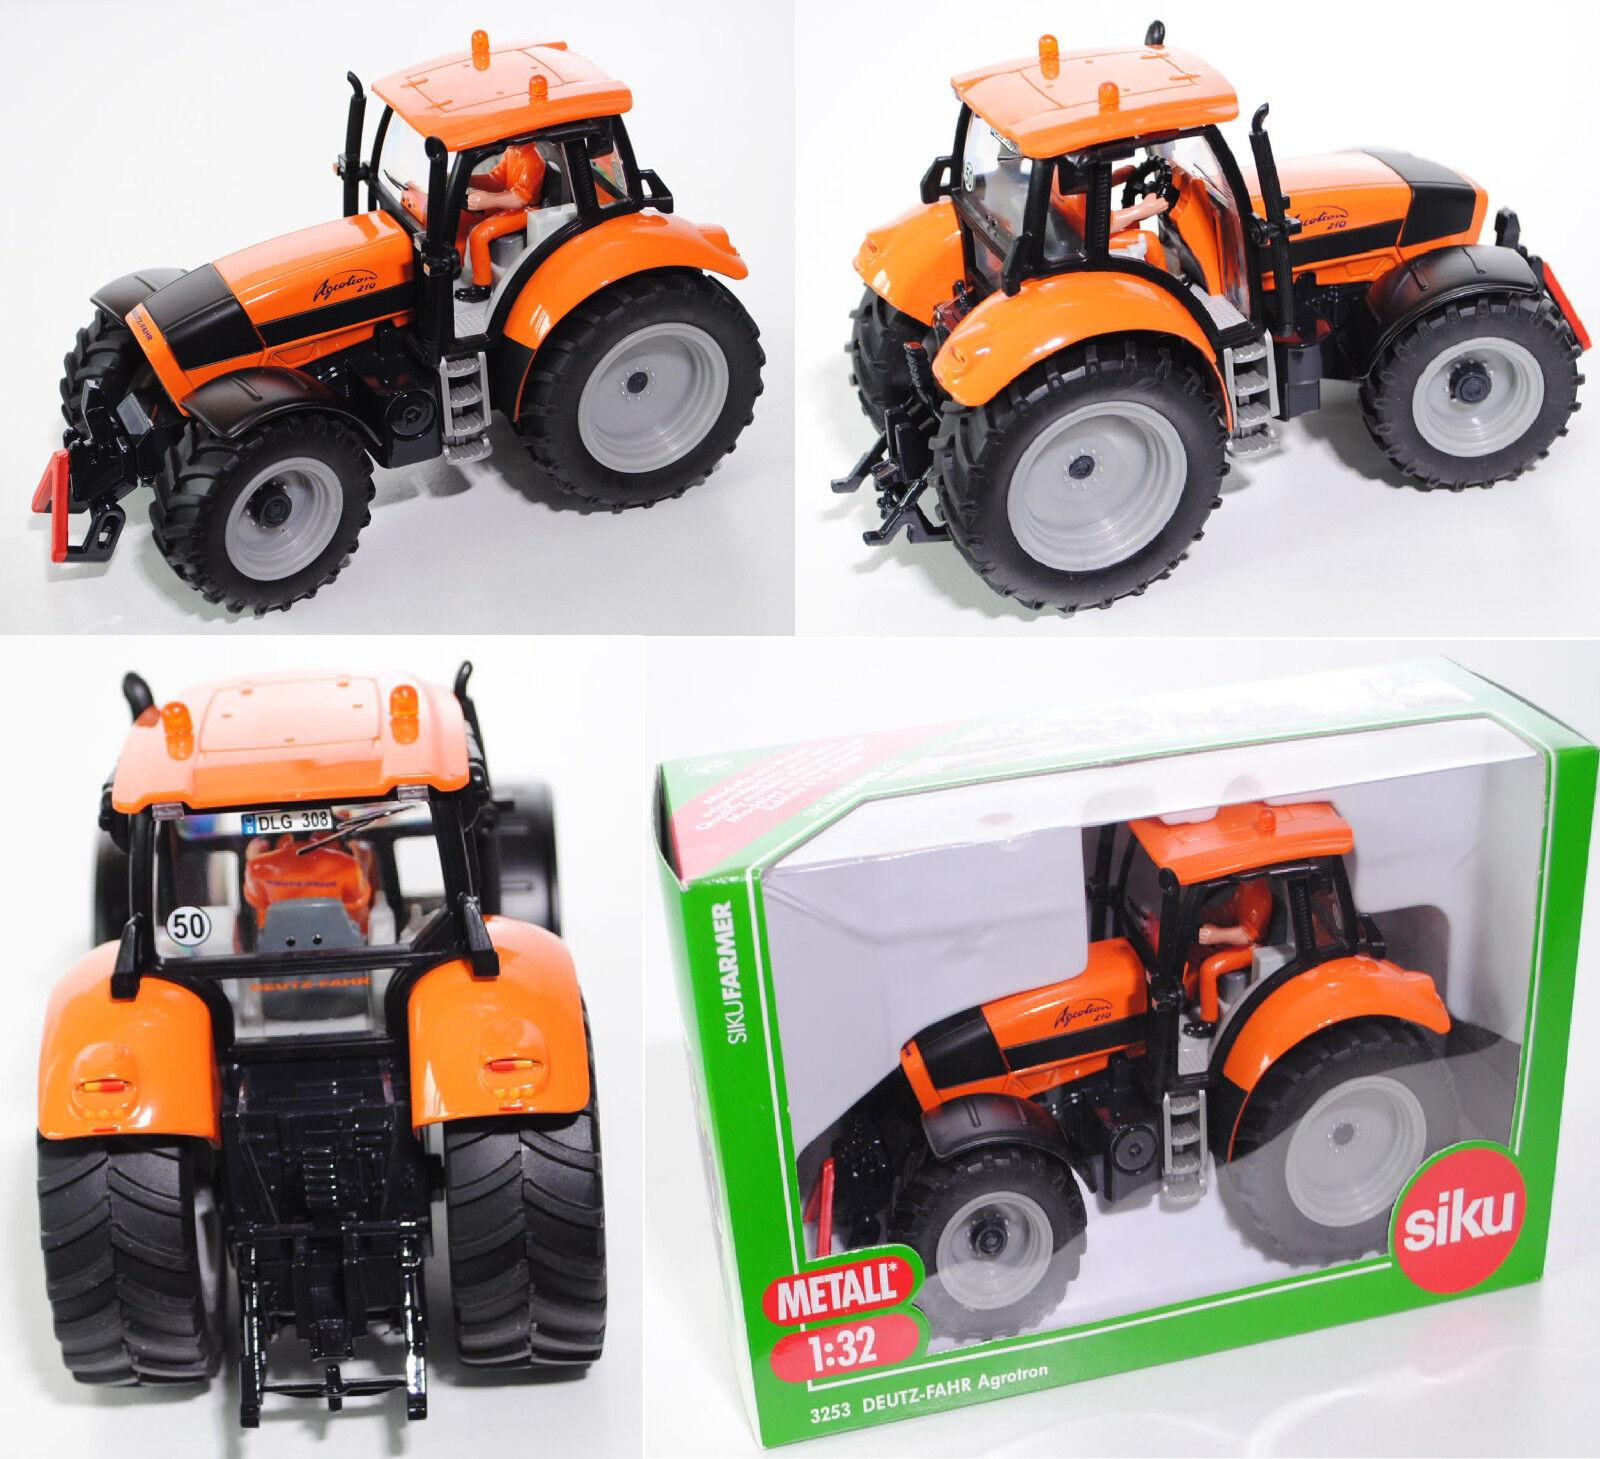 Siku Farmer 3253 Deutz-Fahr agrojoron 210 tractor, 1 32, colección sikumuseum